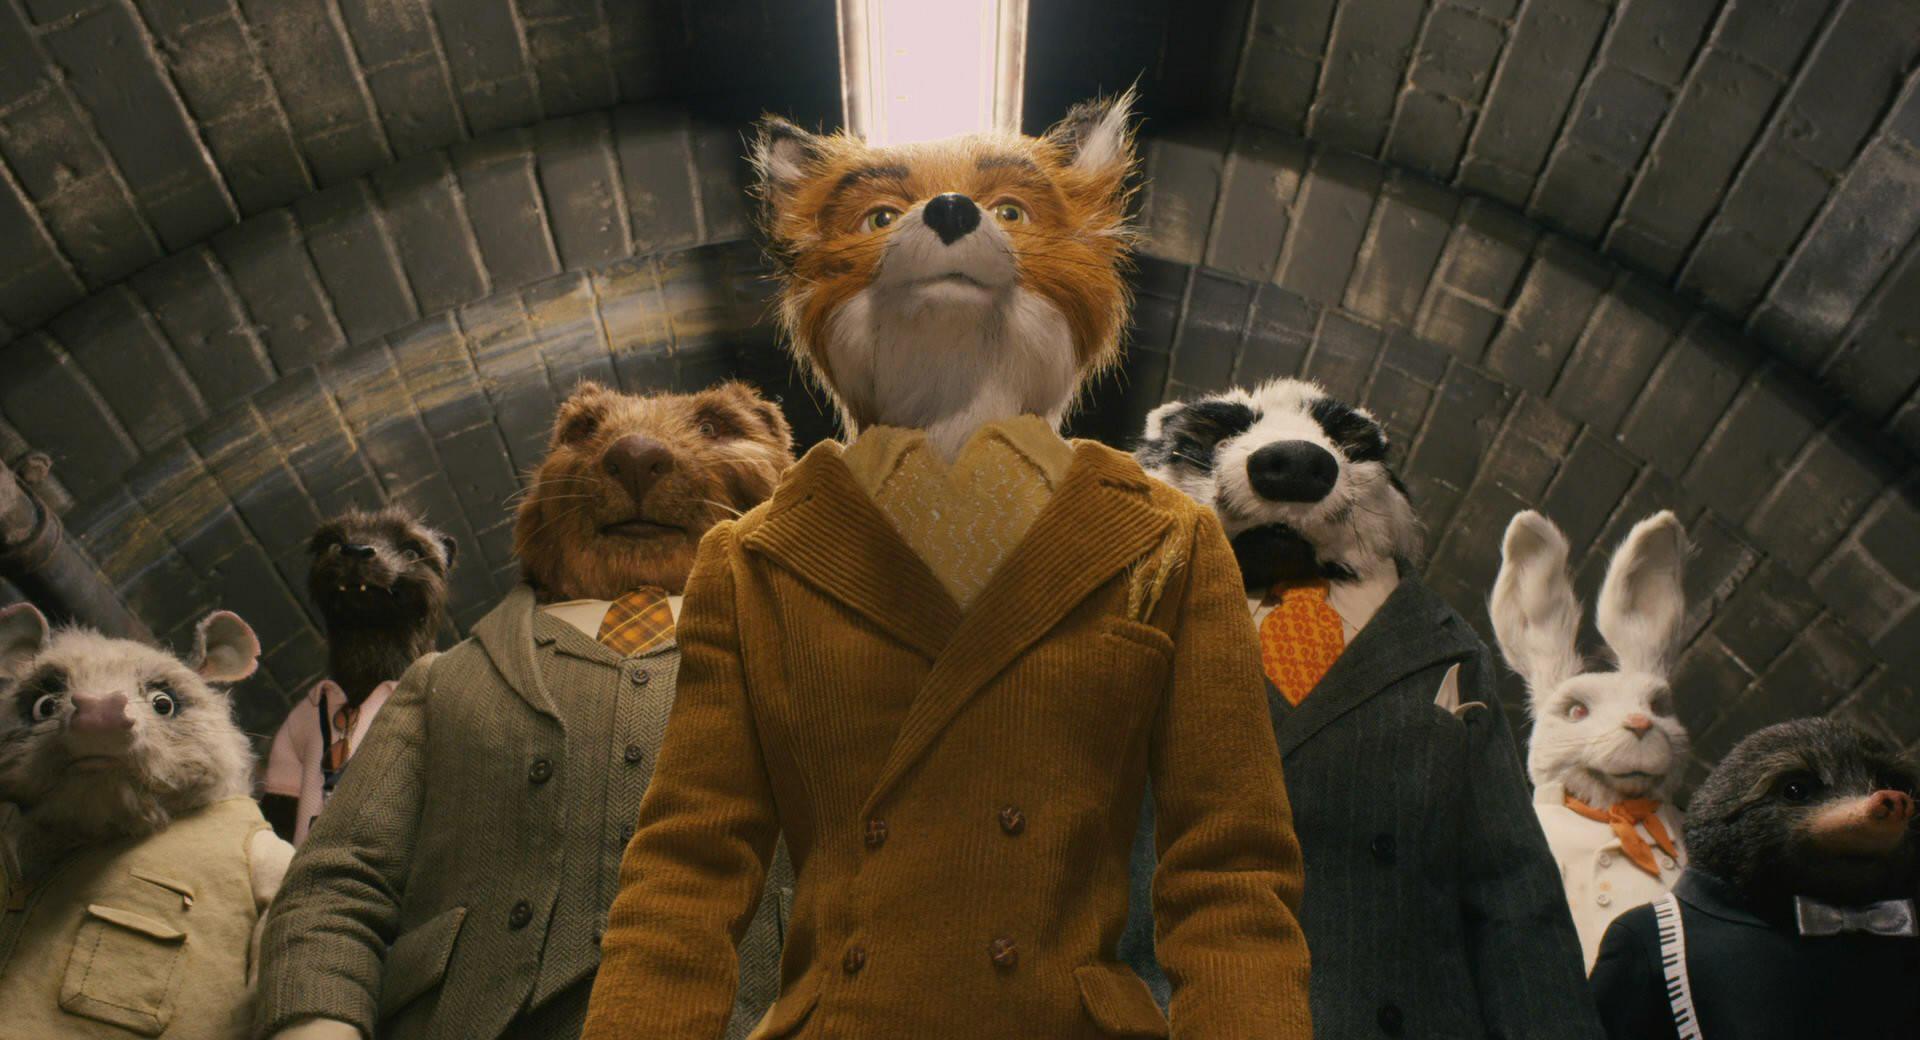 I migliori film di Wes Anderson